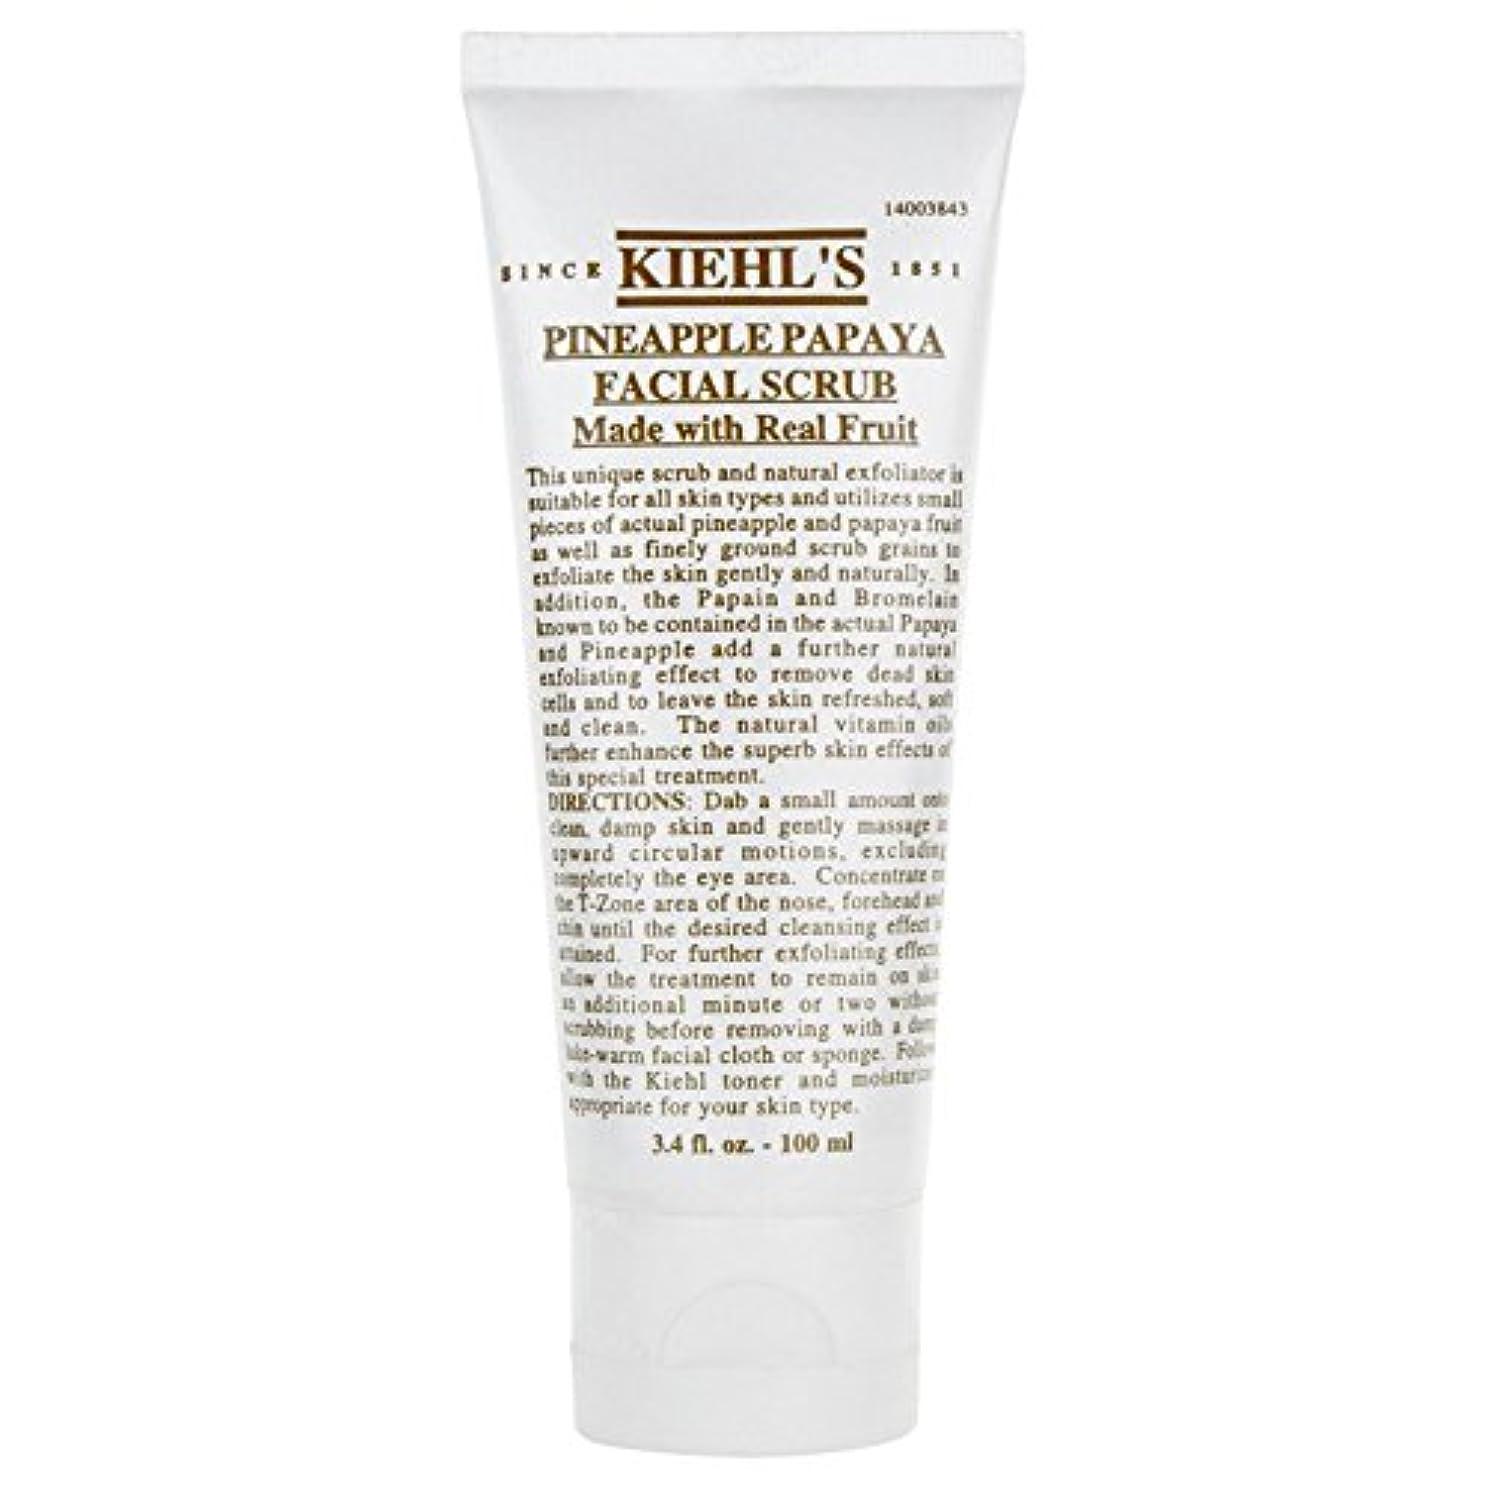 写真のスキップ本物の[Kiehl's] キールズパイナップルパパイヤフェイシャルスクラブ100ミリリットル - Kiehl's Pineapple Papaya Facial Scrub 100ml [並行輸入品]